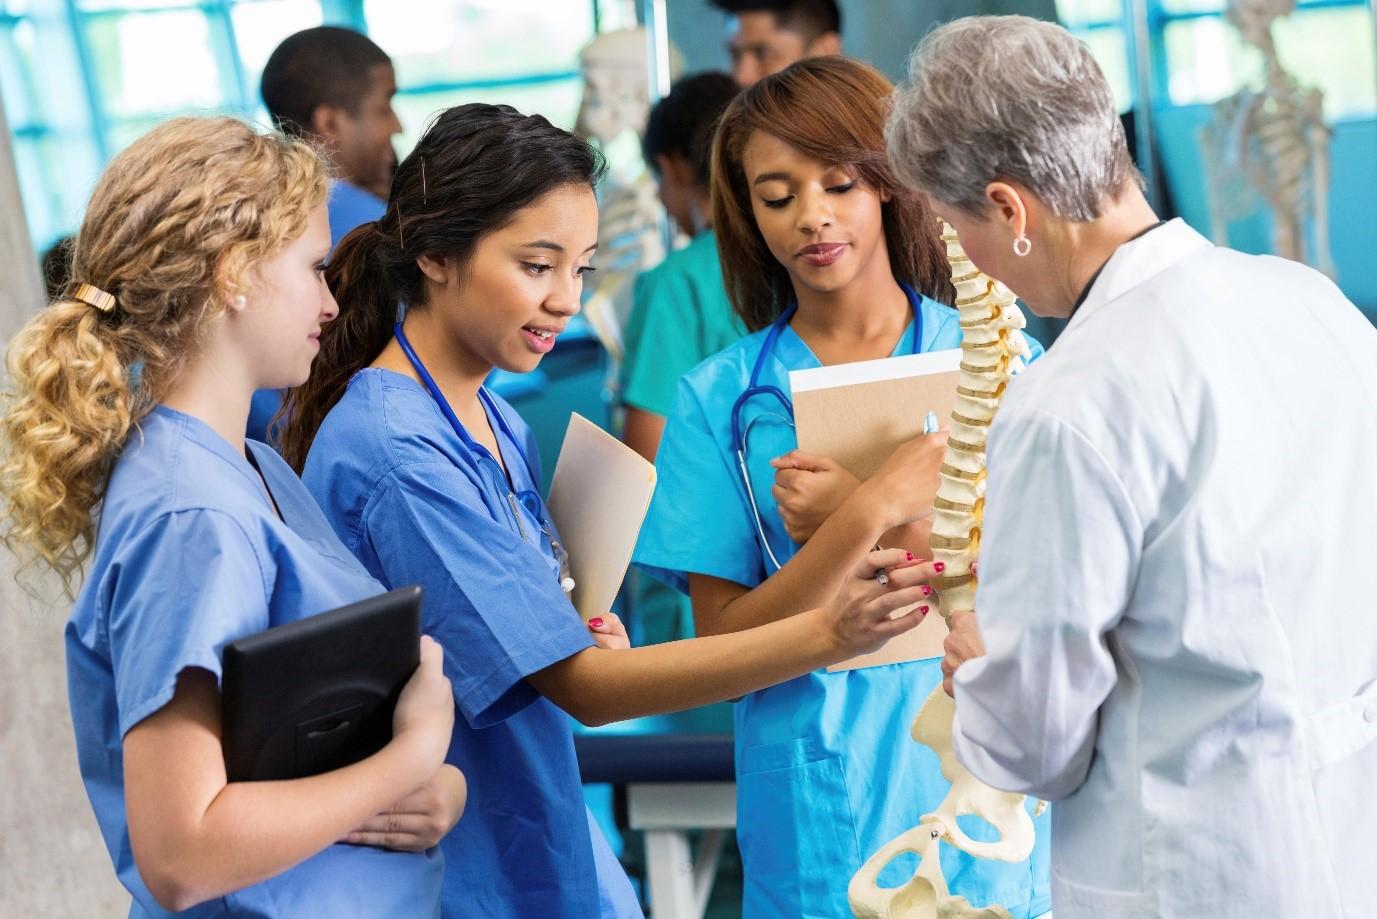 到澳大利亚当医生,澳洲哪些大学医学专业口碑最佳?